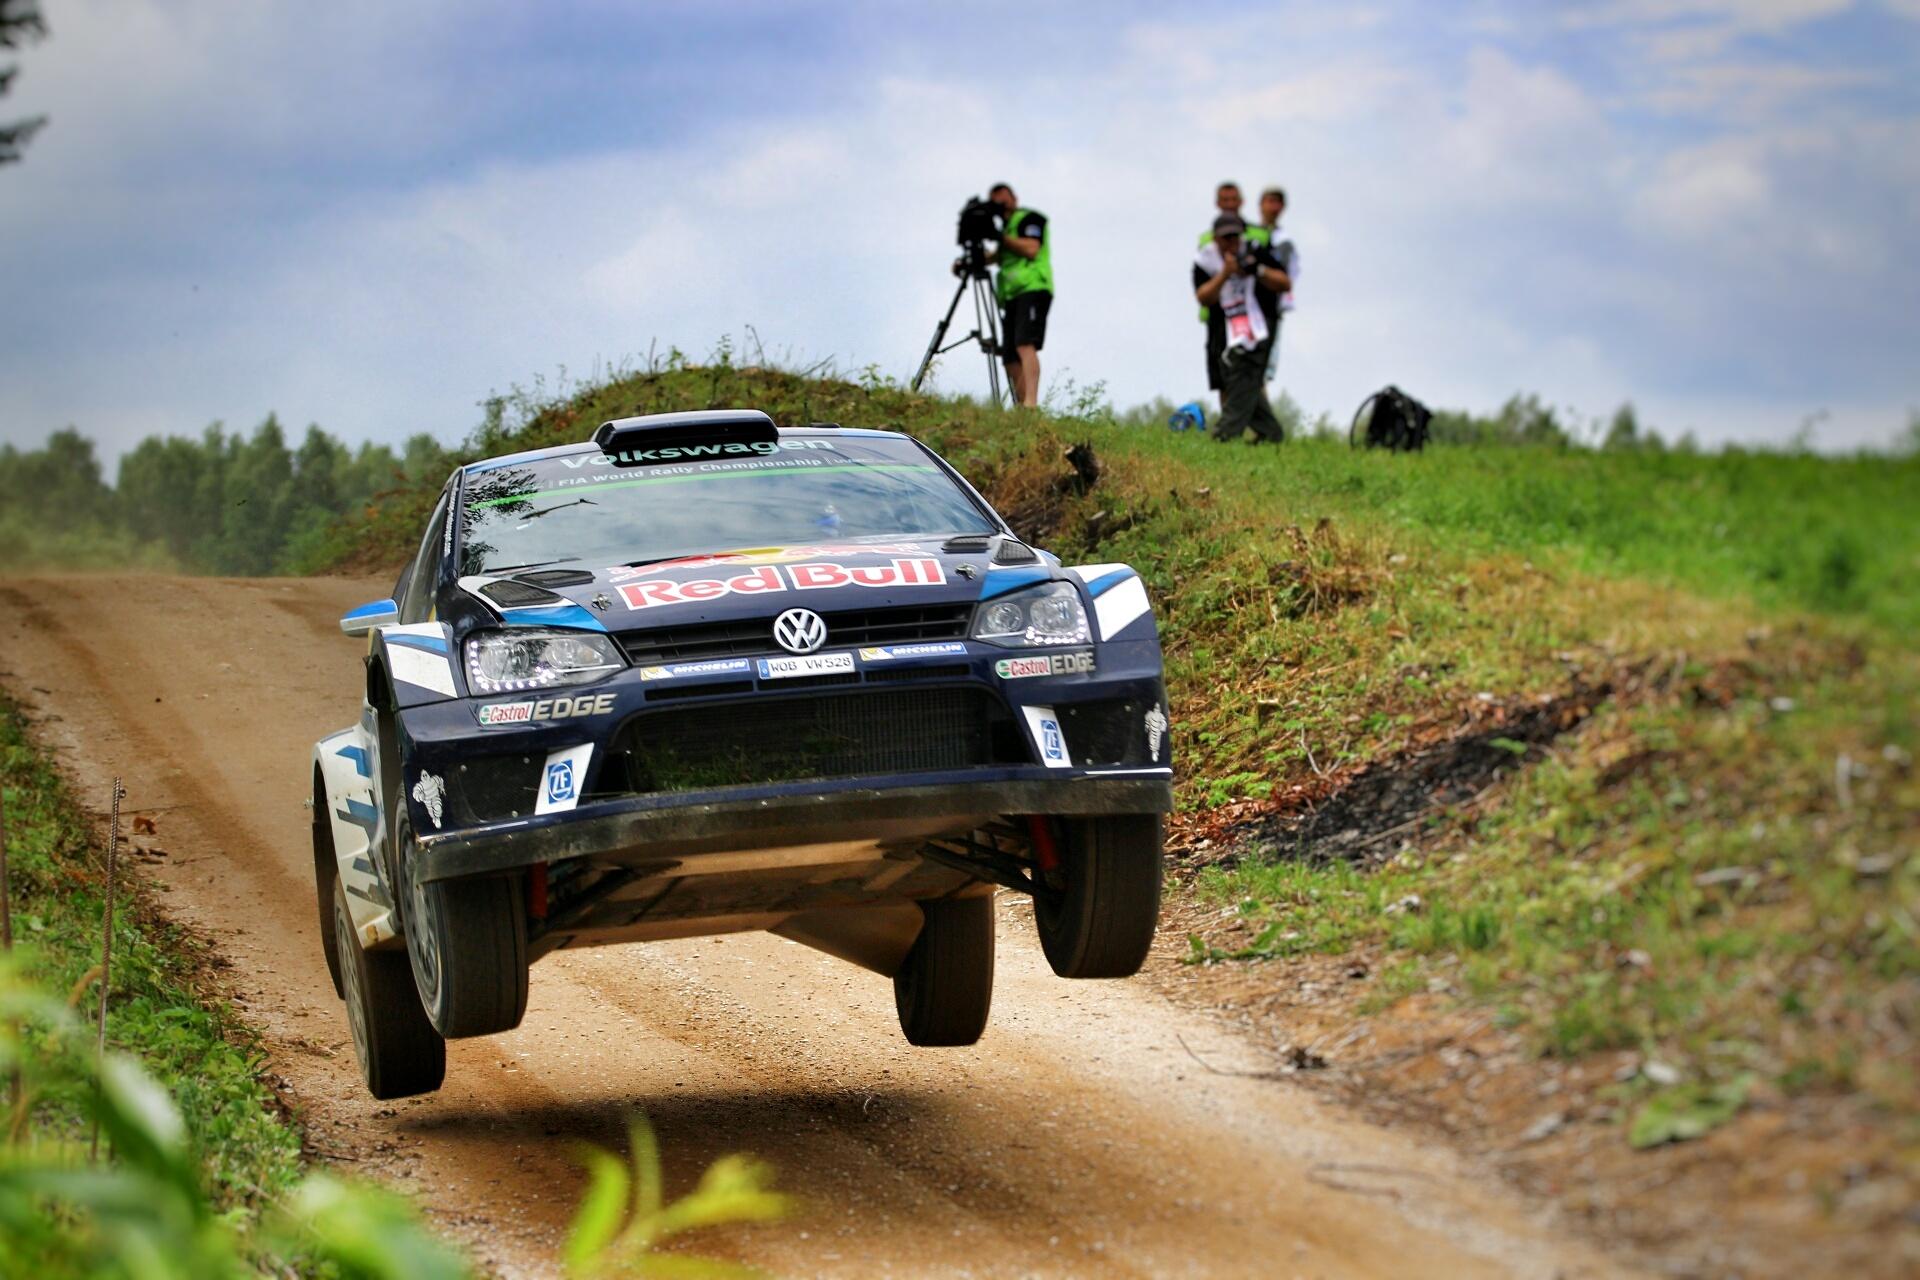 Fotó: Béres Gábor (RallyeDream)